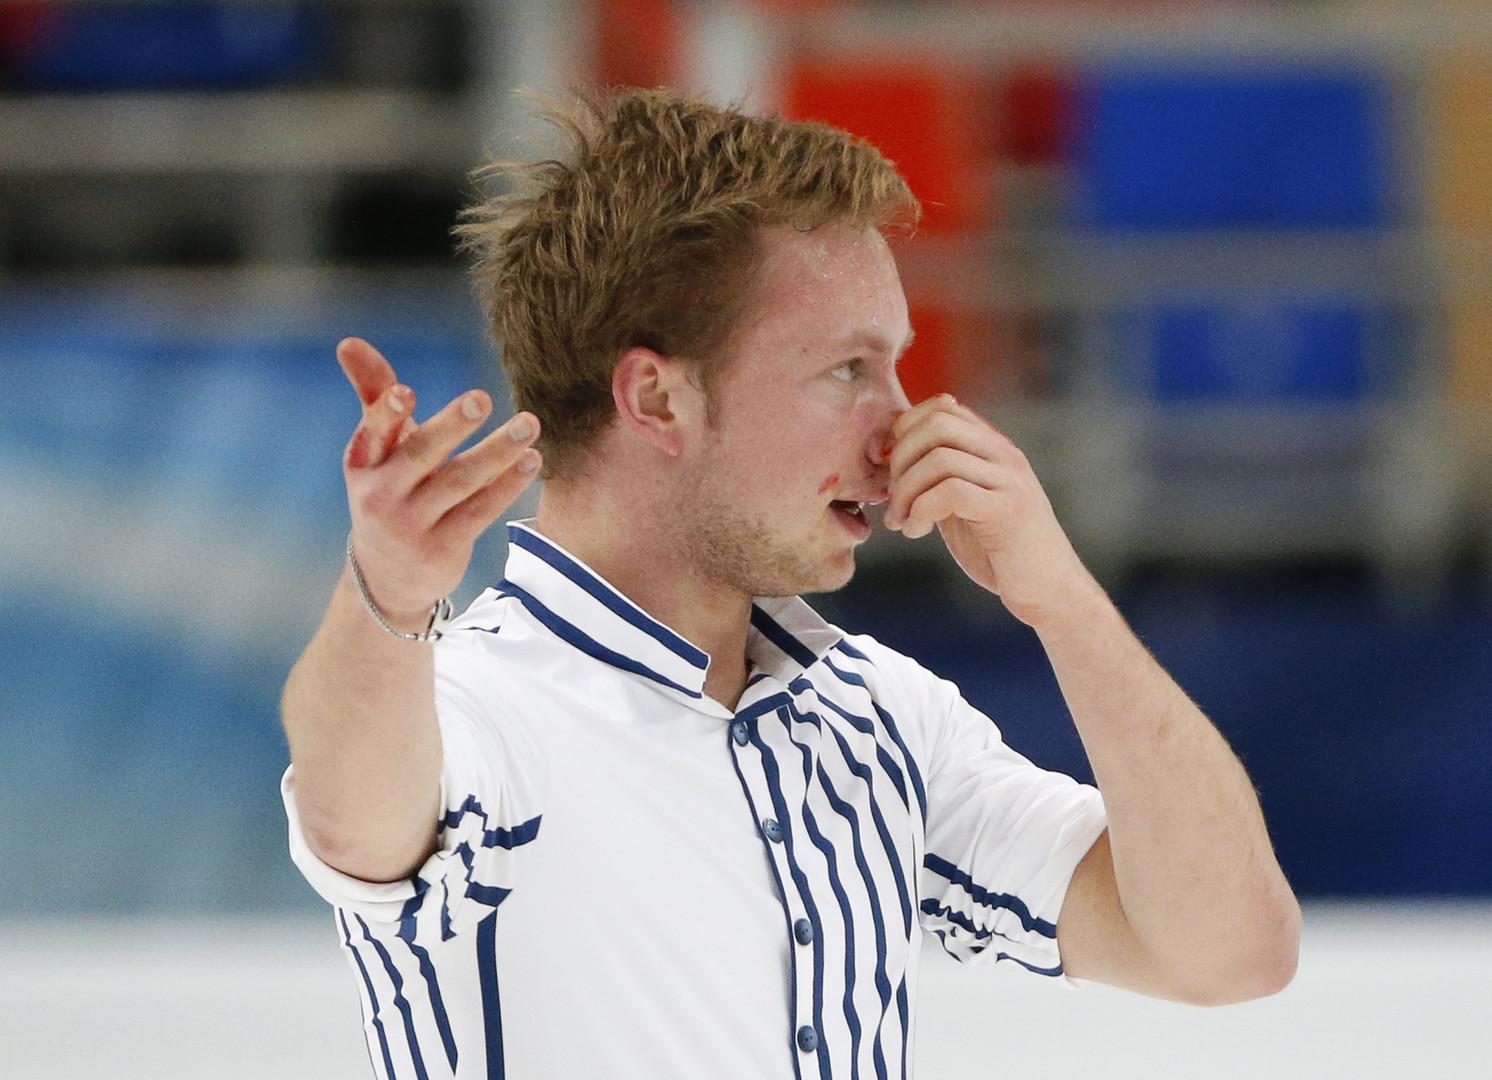 Кровь и слёзы: золотые медали россиян остались в тени травм Липницкой и Майорова